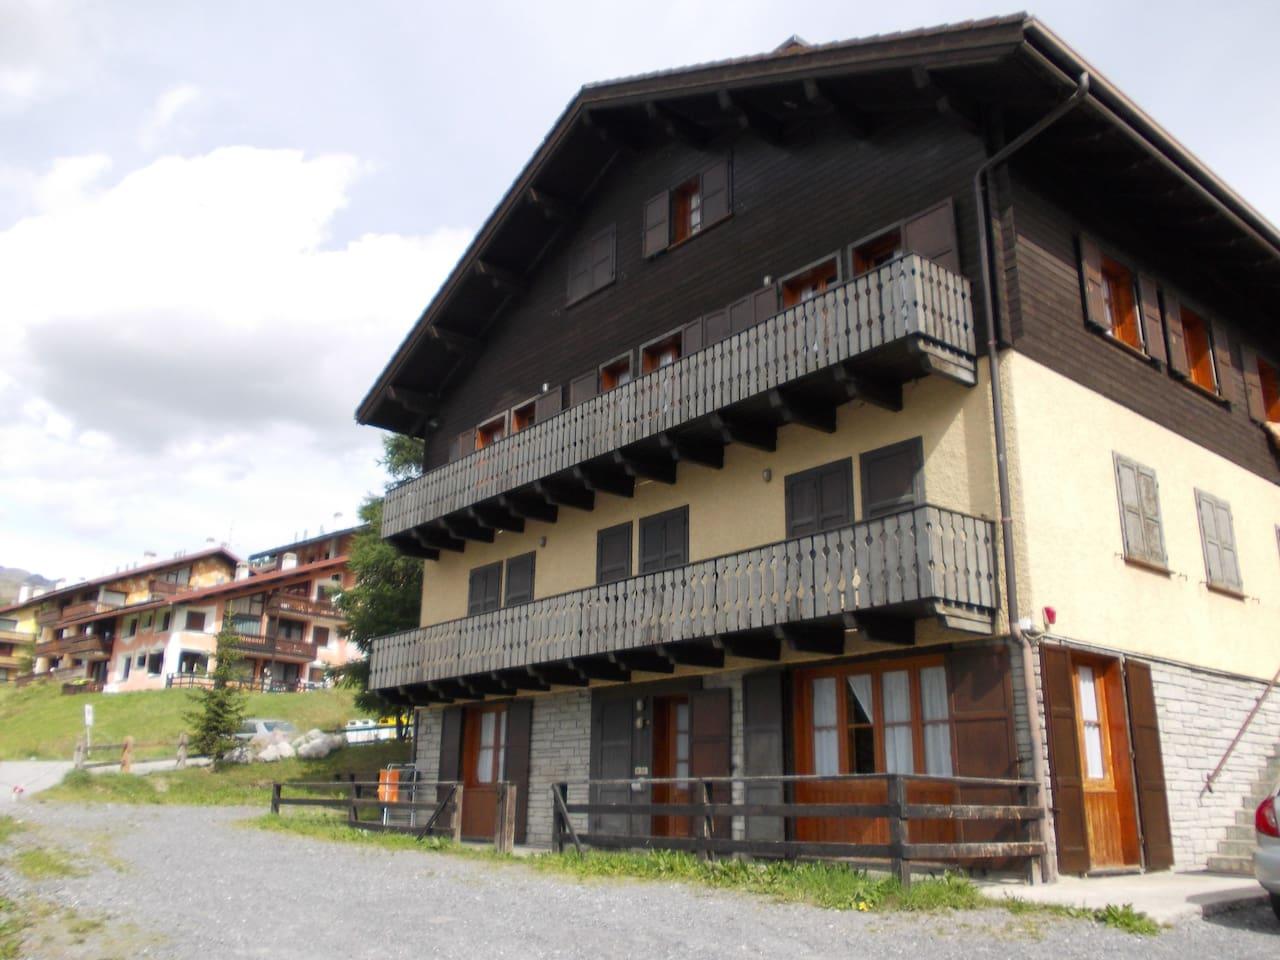 Casa rustica/outside